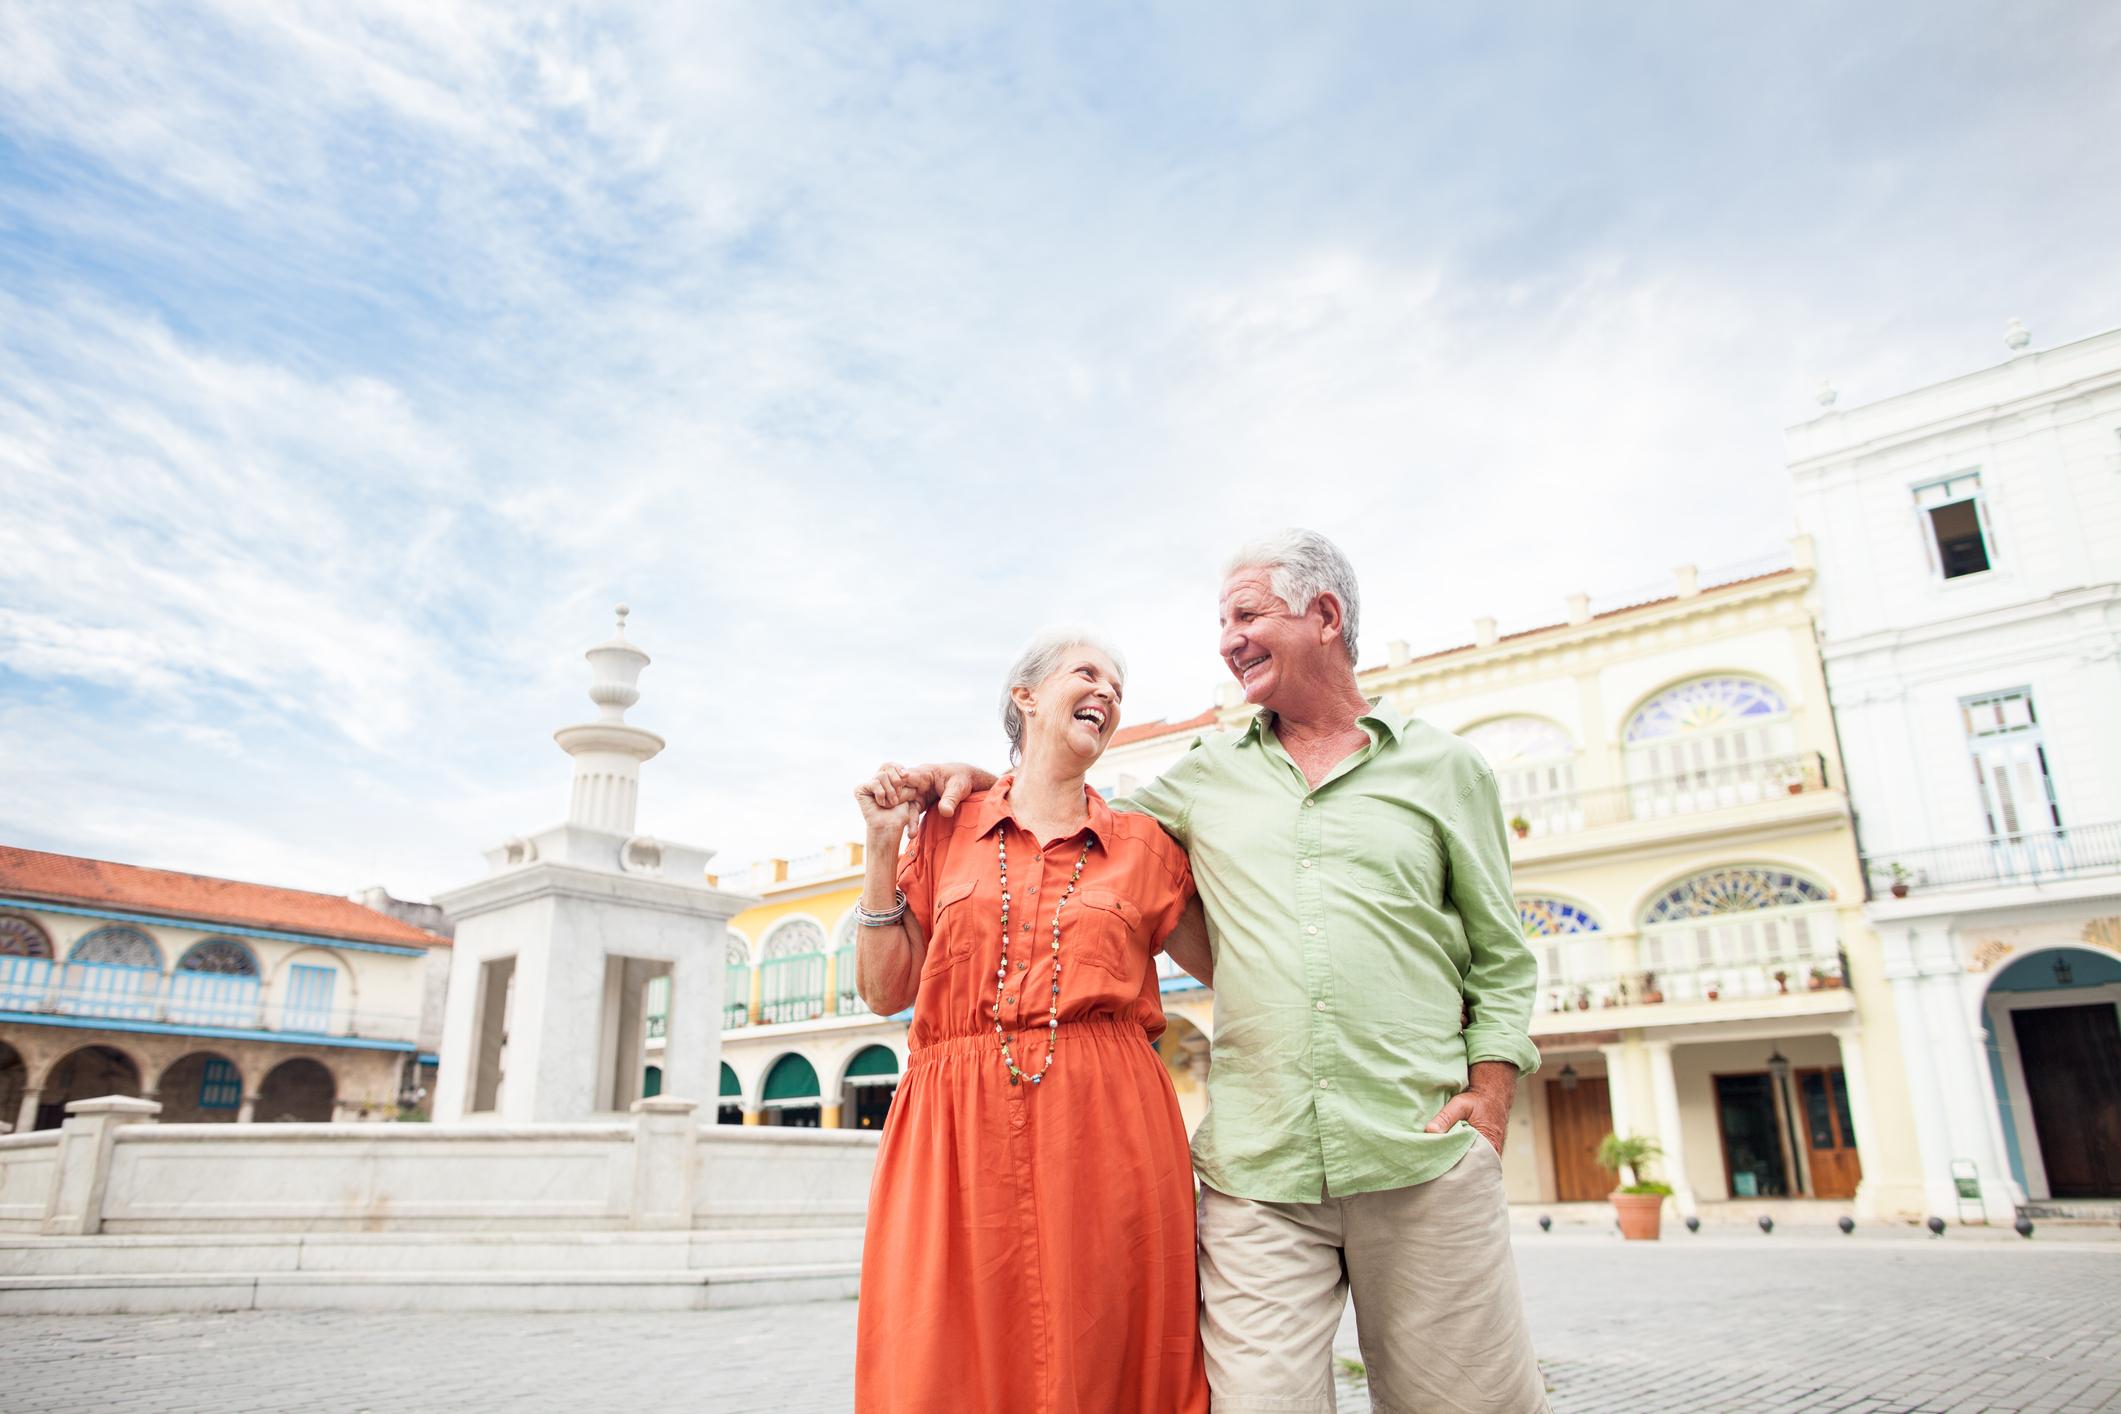 Ein älteres Ehepaar steht Arm in Arm vor typisch kubanischen Gebäuden